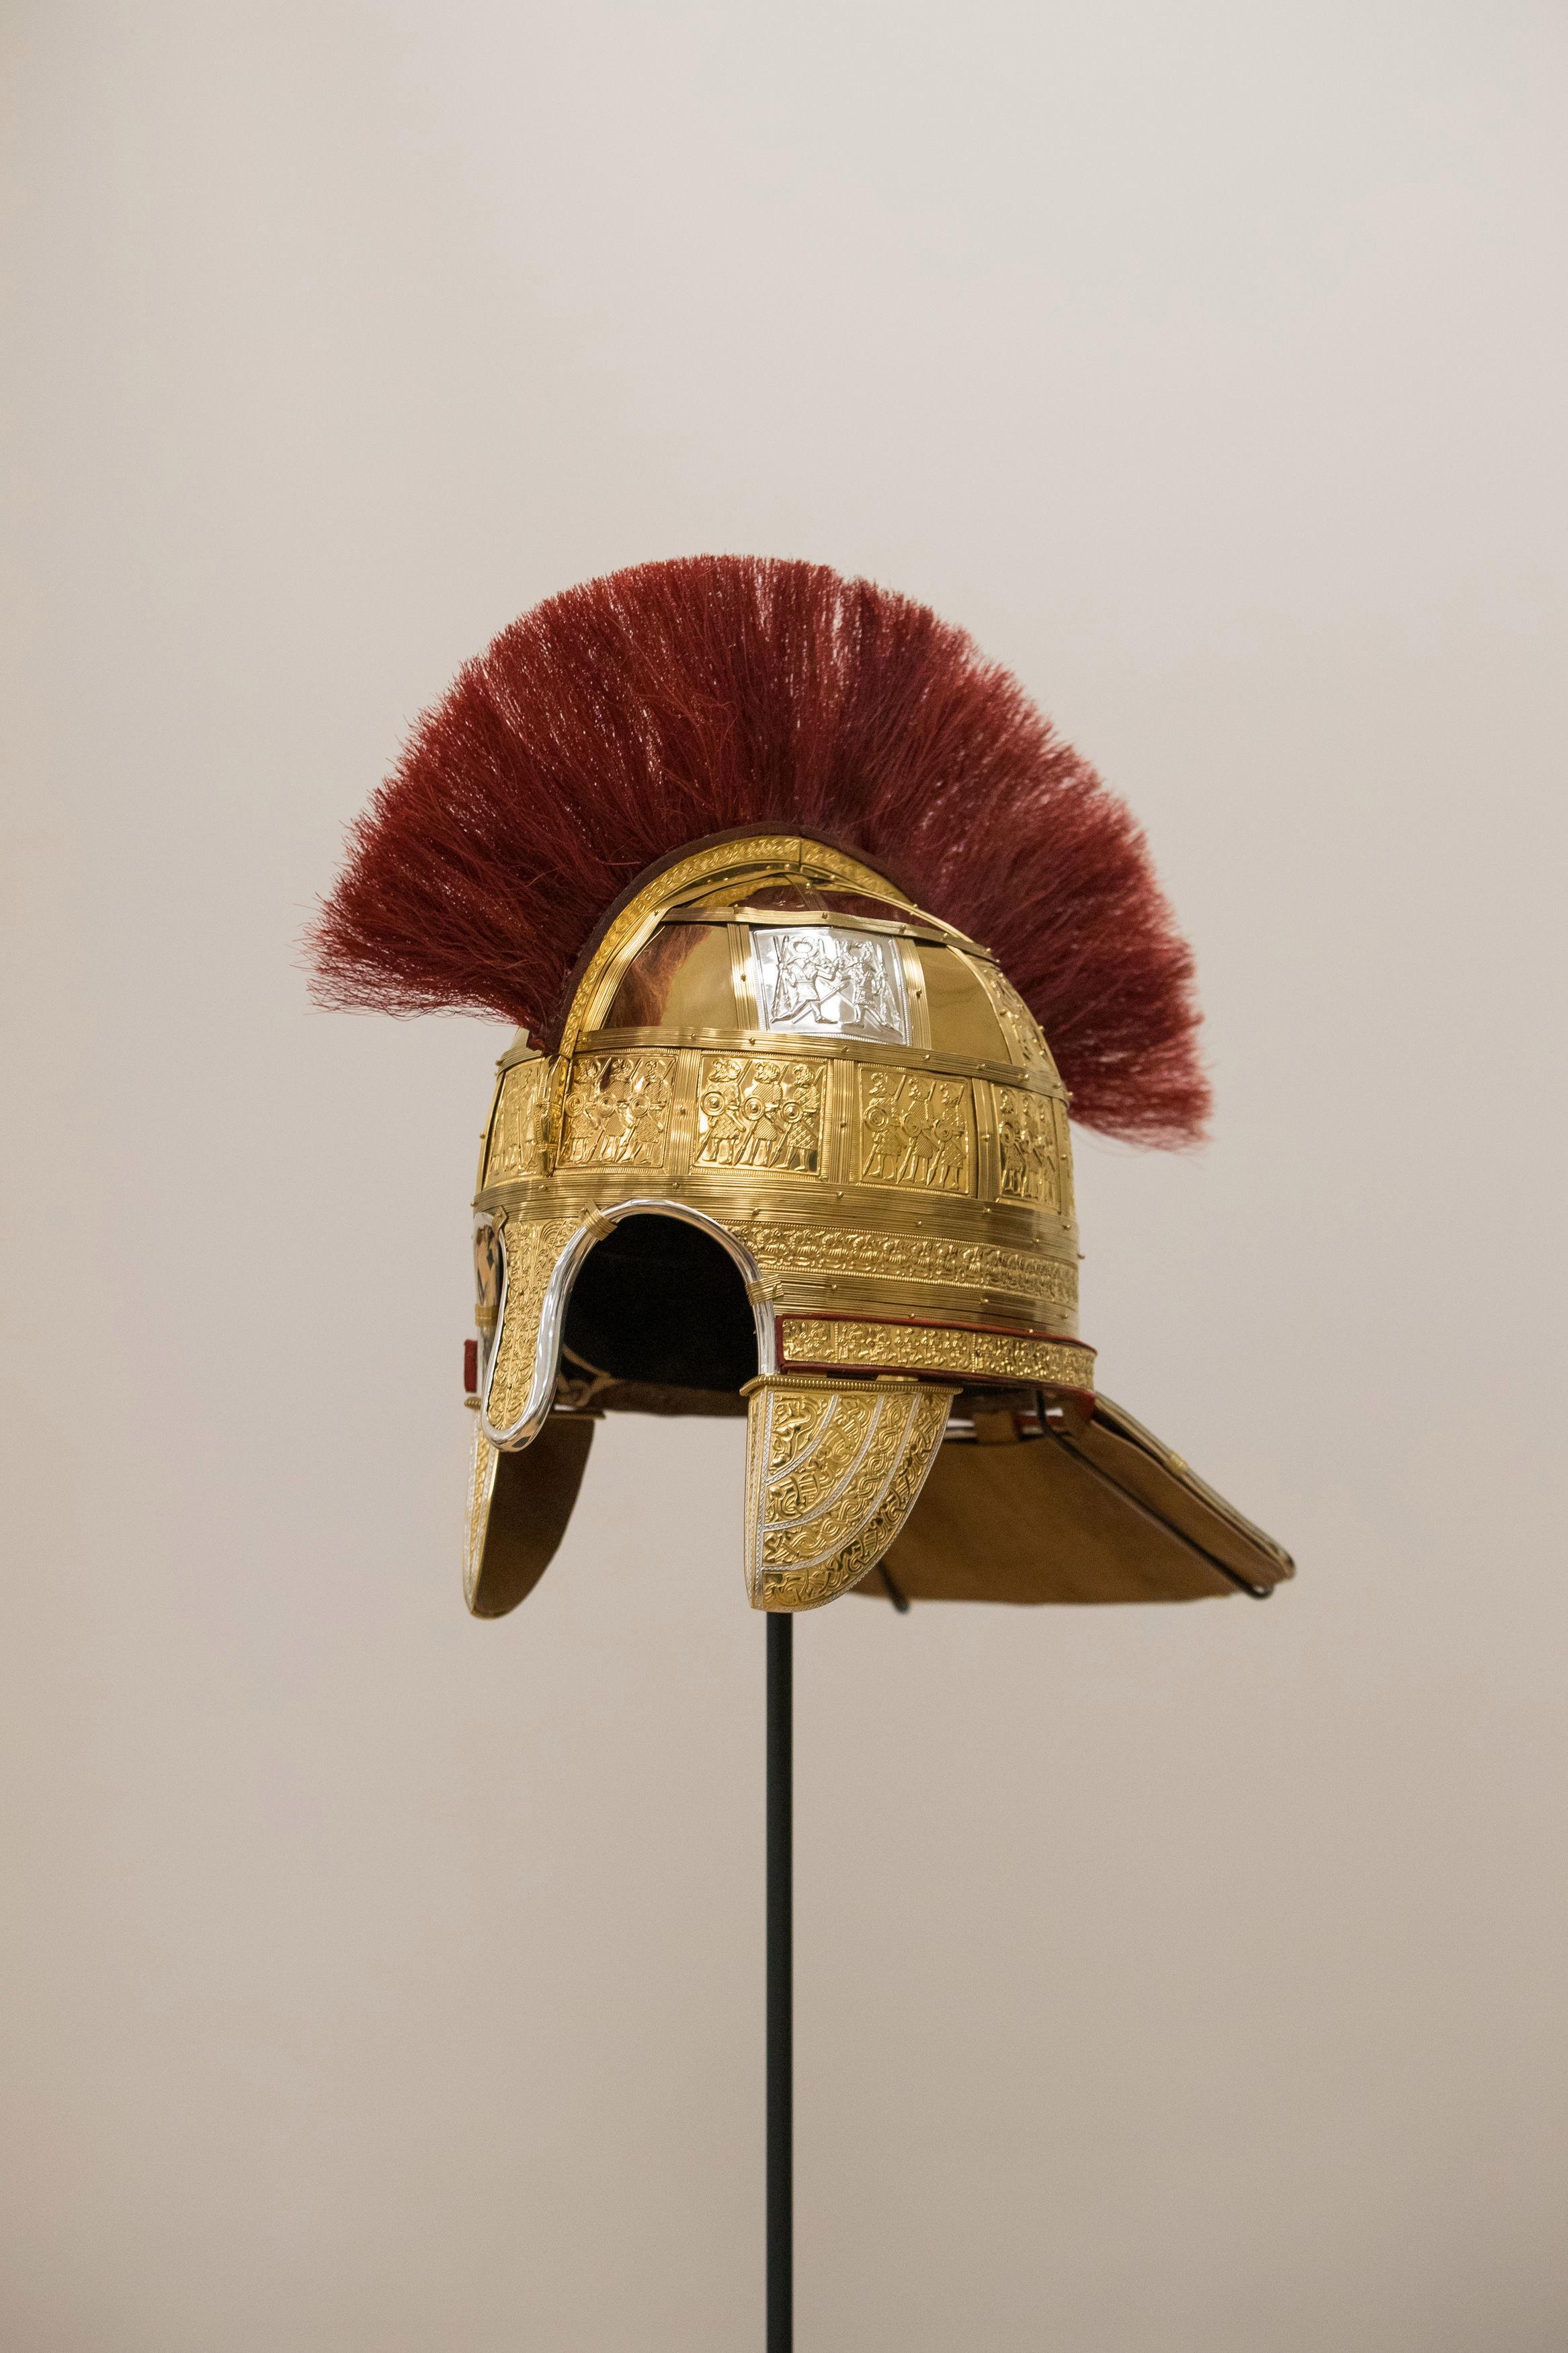 Un casco que se encontró en el tesoro de Staffordshire